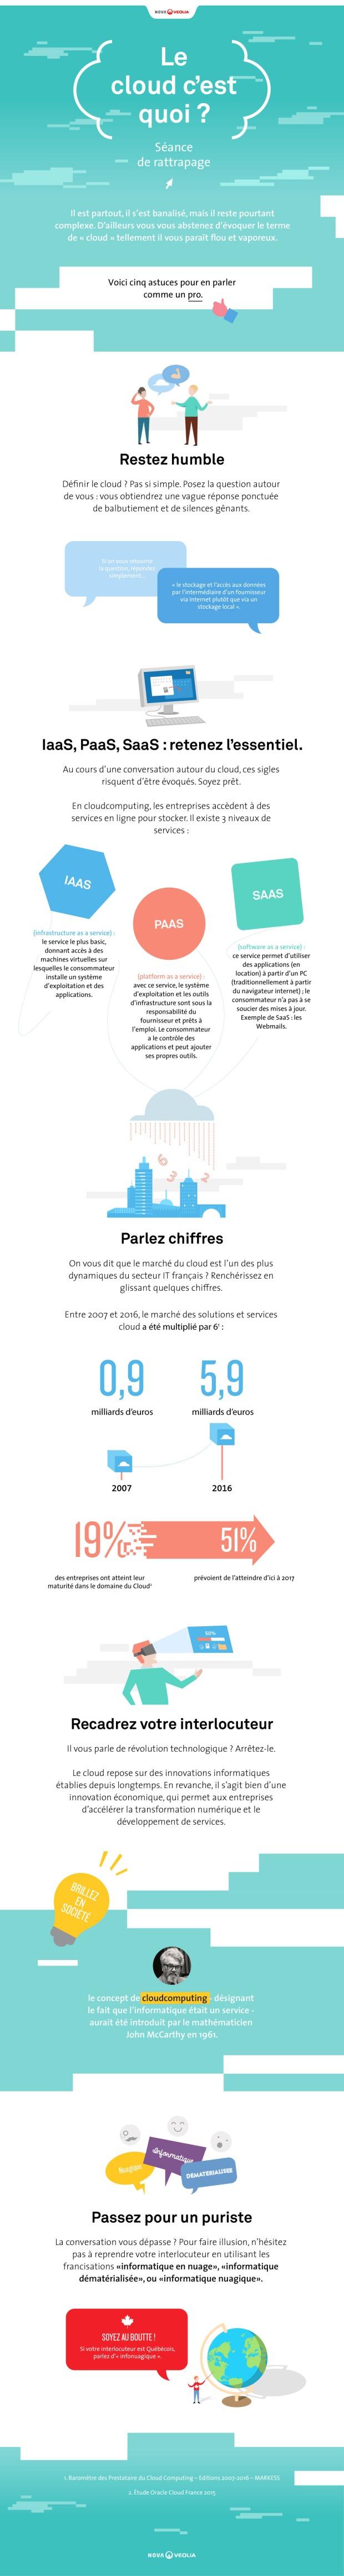 Infographie sur le cloud c'est quoi ?